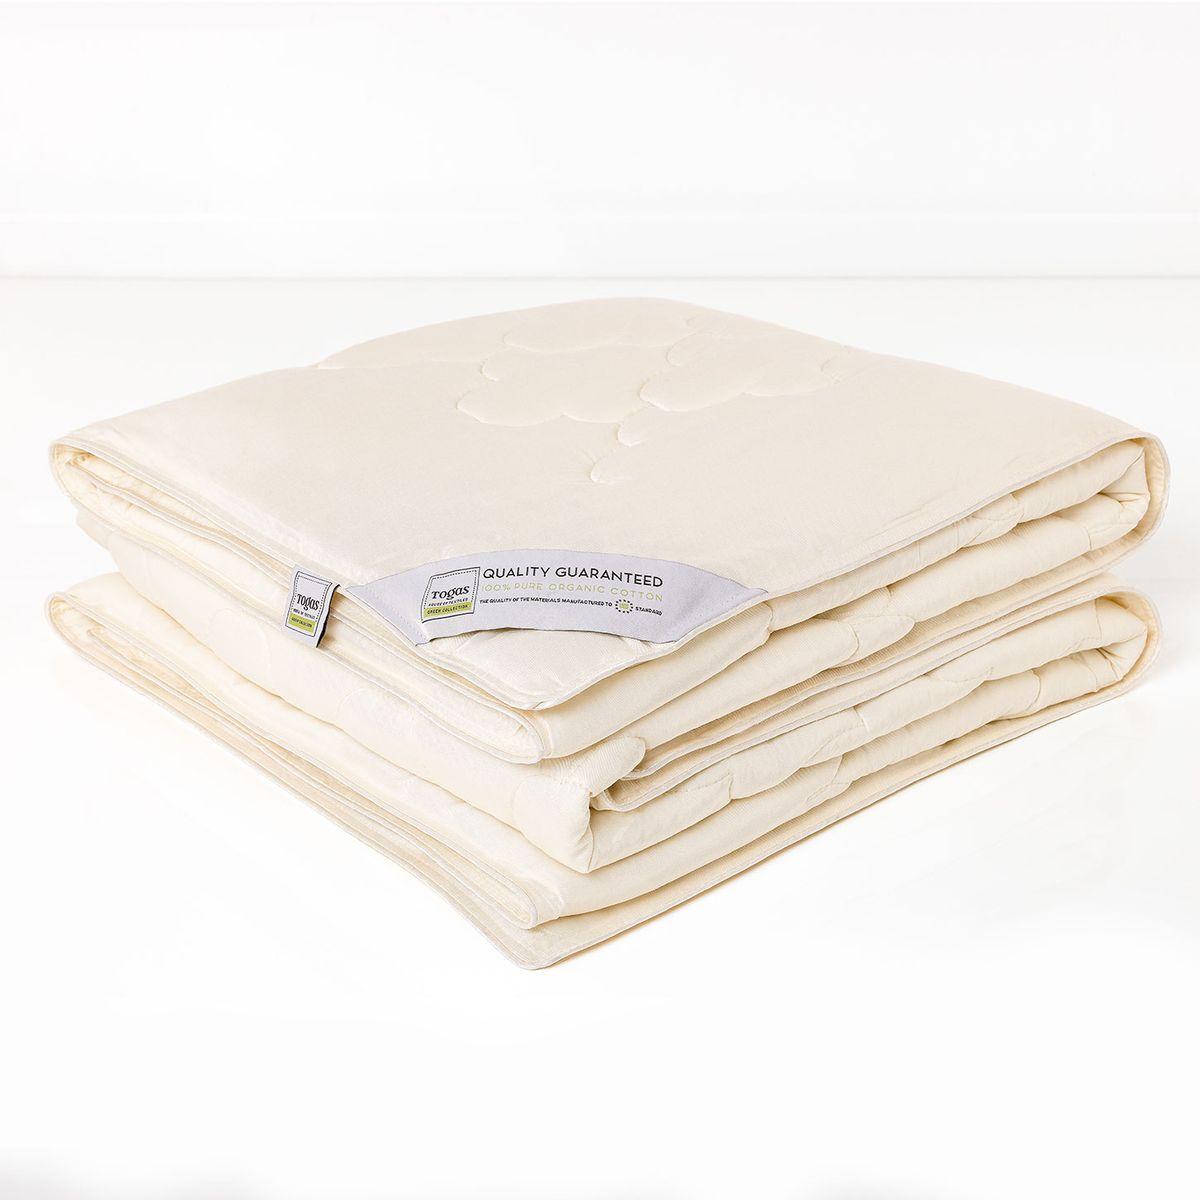 Одеяло Хлопок в ткани из бамбукового волокна, 220 х 240 см. 20.04.12.000720.04.12.0007Природа щедро наделила бамбук уникальными качествами, которые стали доступны нам благодаря развитию современных технологий. Бамбуковое волокно мягкое и приятное на ощупь, по виду напоминает шелк и кашемир. В качестве наполнителя для нашего одеяла мы выбрали натуральный хлопок - высокопрочный, самый популярный в мире натуральный материал, известный своими впитывающими и терморерулирующими свойствами. Это одеяло поистине совершенно, ведь в нем объединились новейшие технологии - и безграничная сила природы…